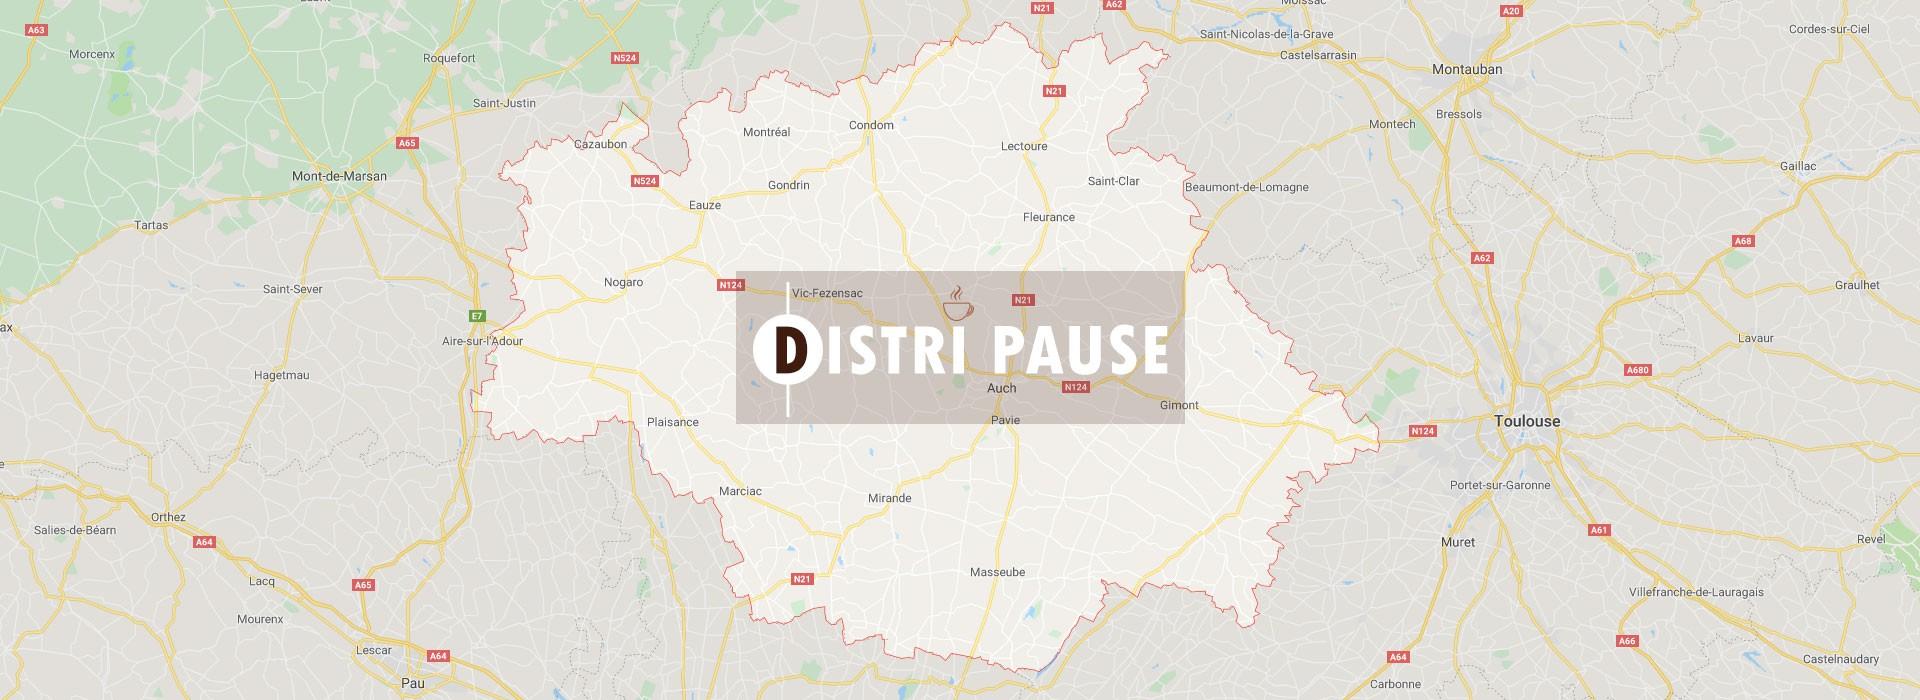 Large choix de produits de distributeur automatique à Moncassin | Distri Pause